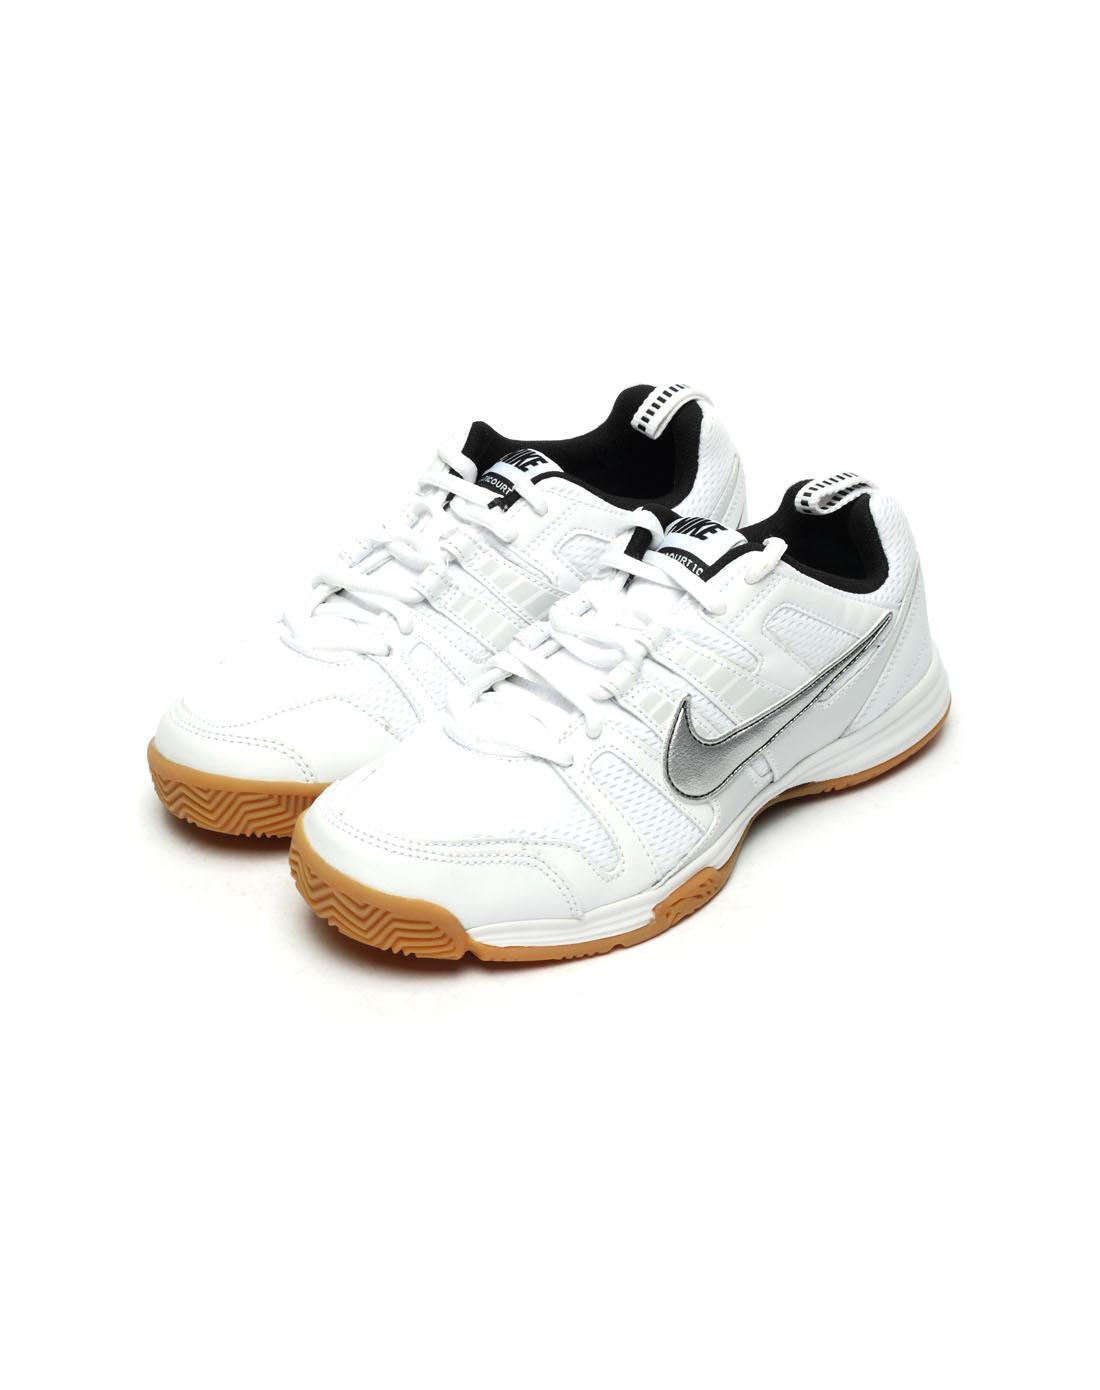 耐克nike-男鞋专场-男子白色网球鞋